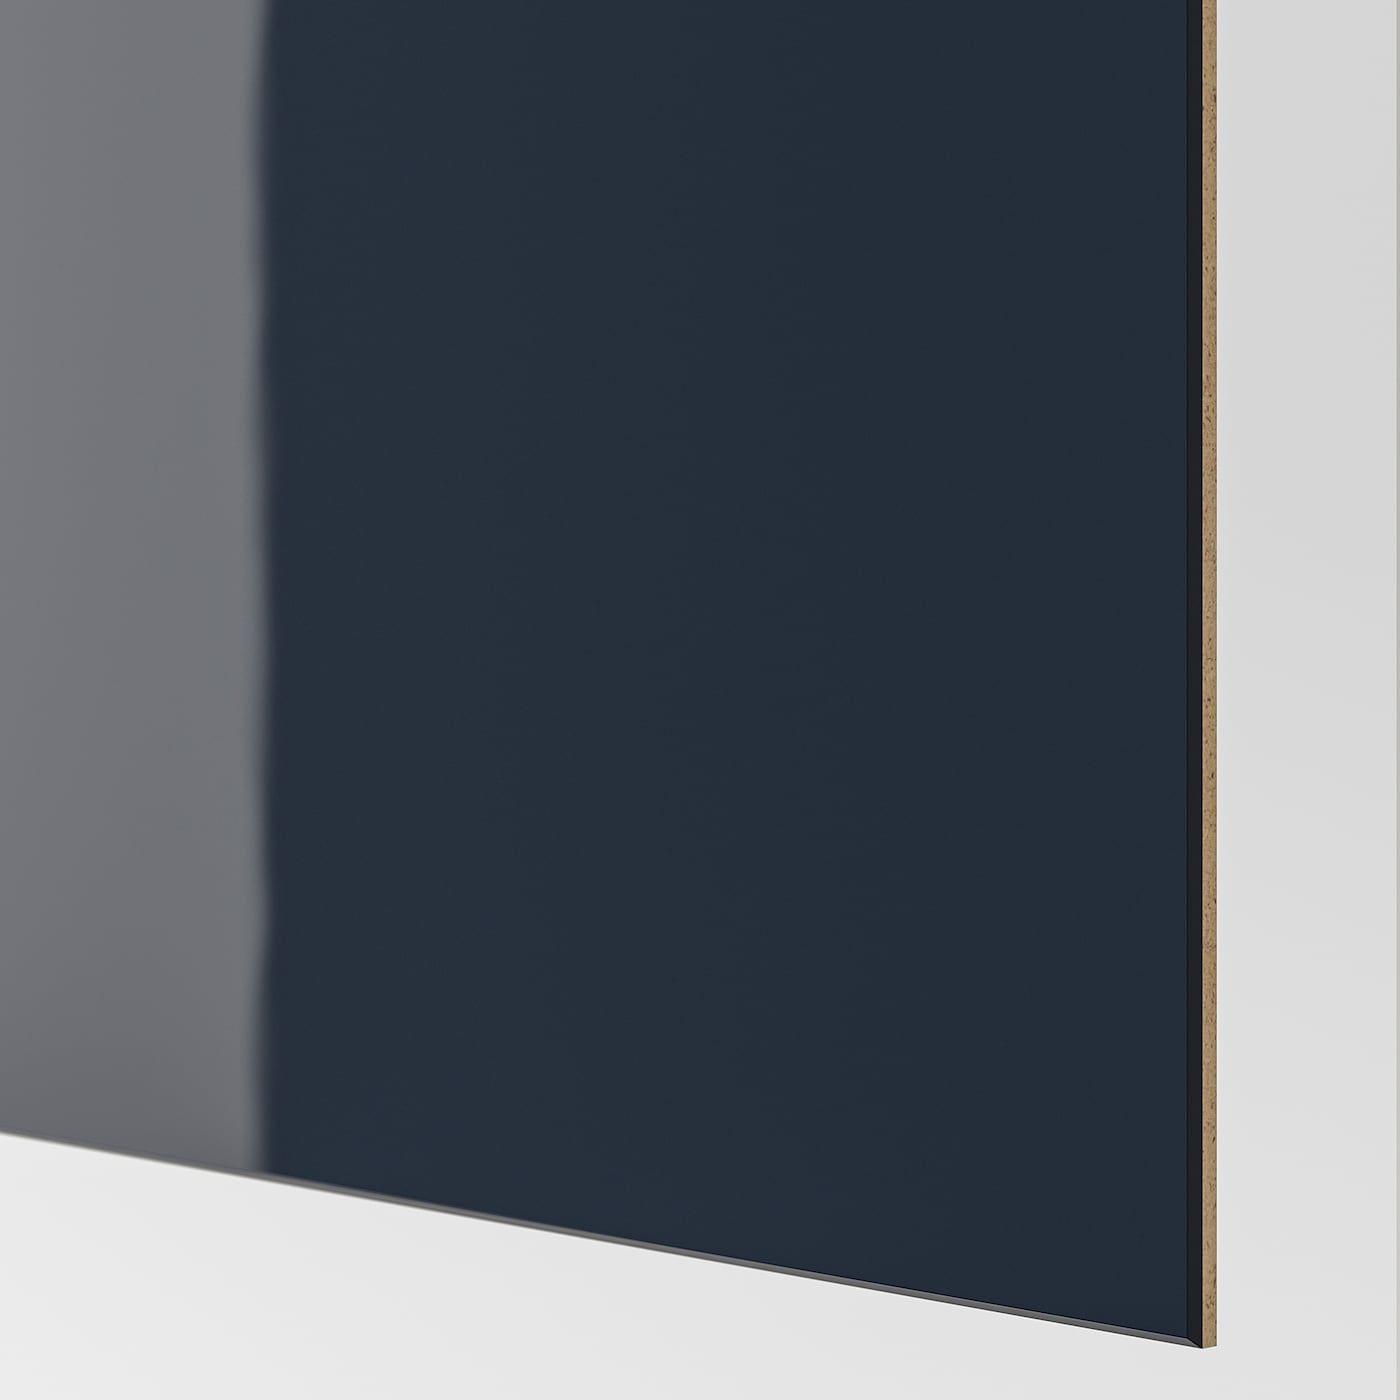 Hokksund 4 Paneele F Schiebeturrahmen Hochglanz Dunkelblau Schwarzblau Kleiderschranksystem Hochglanz Und Pax System